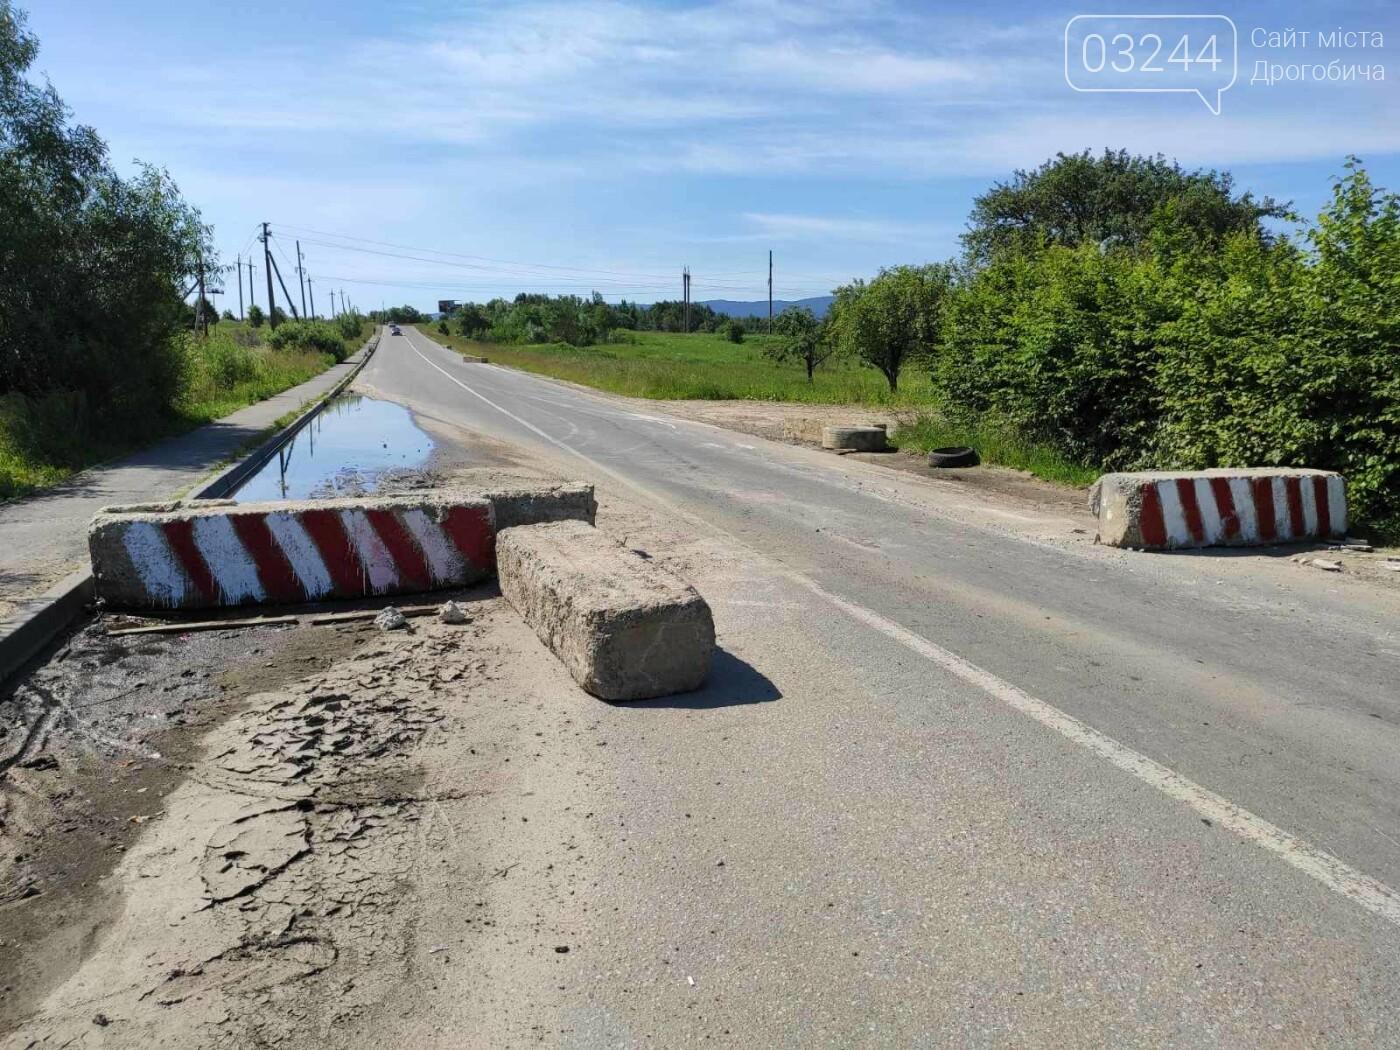 Дорогу на Трускавець вчергове відкрили: вночі відсунули бетонні блоки, - ФОТО, фото-8